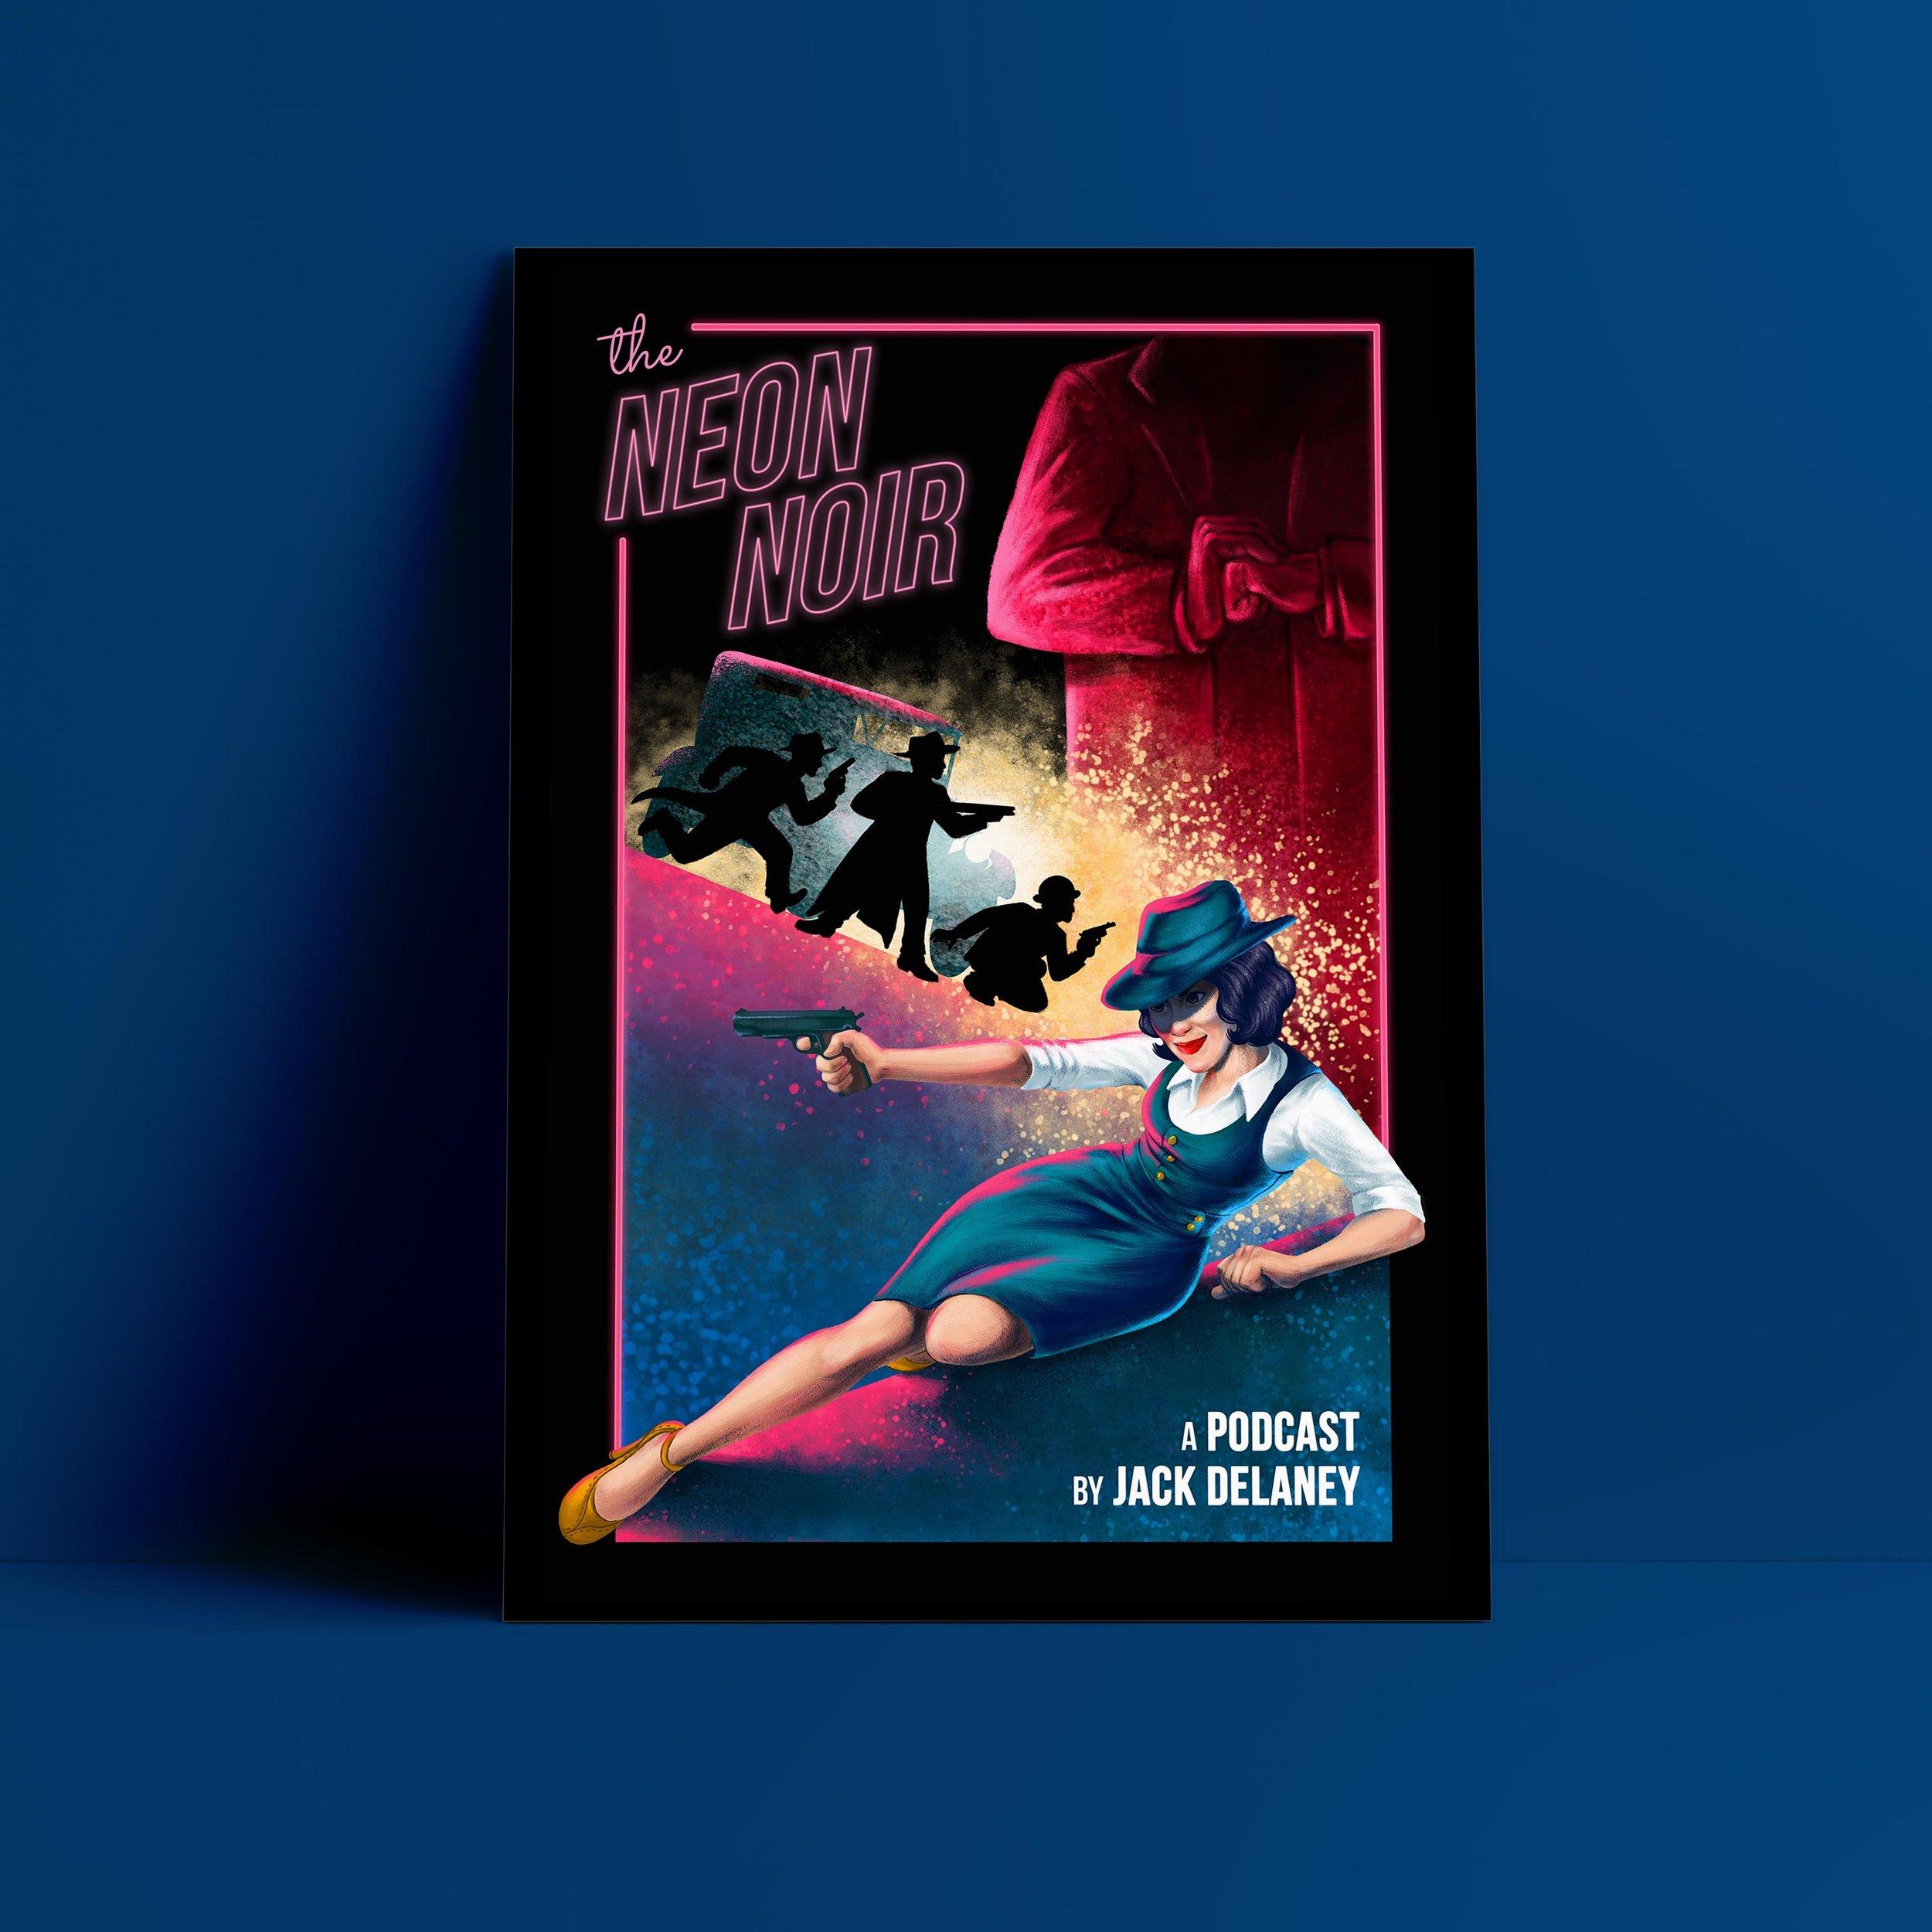 neon-noir-poster-mockup.jpg